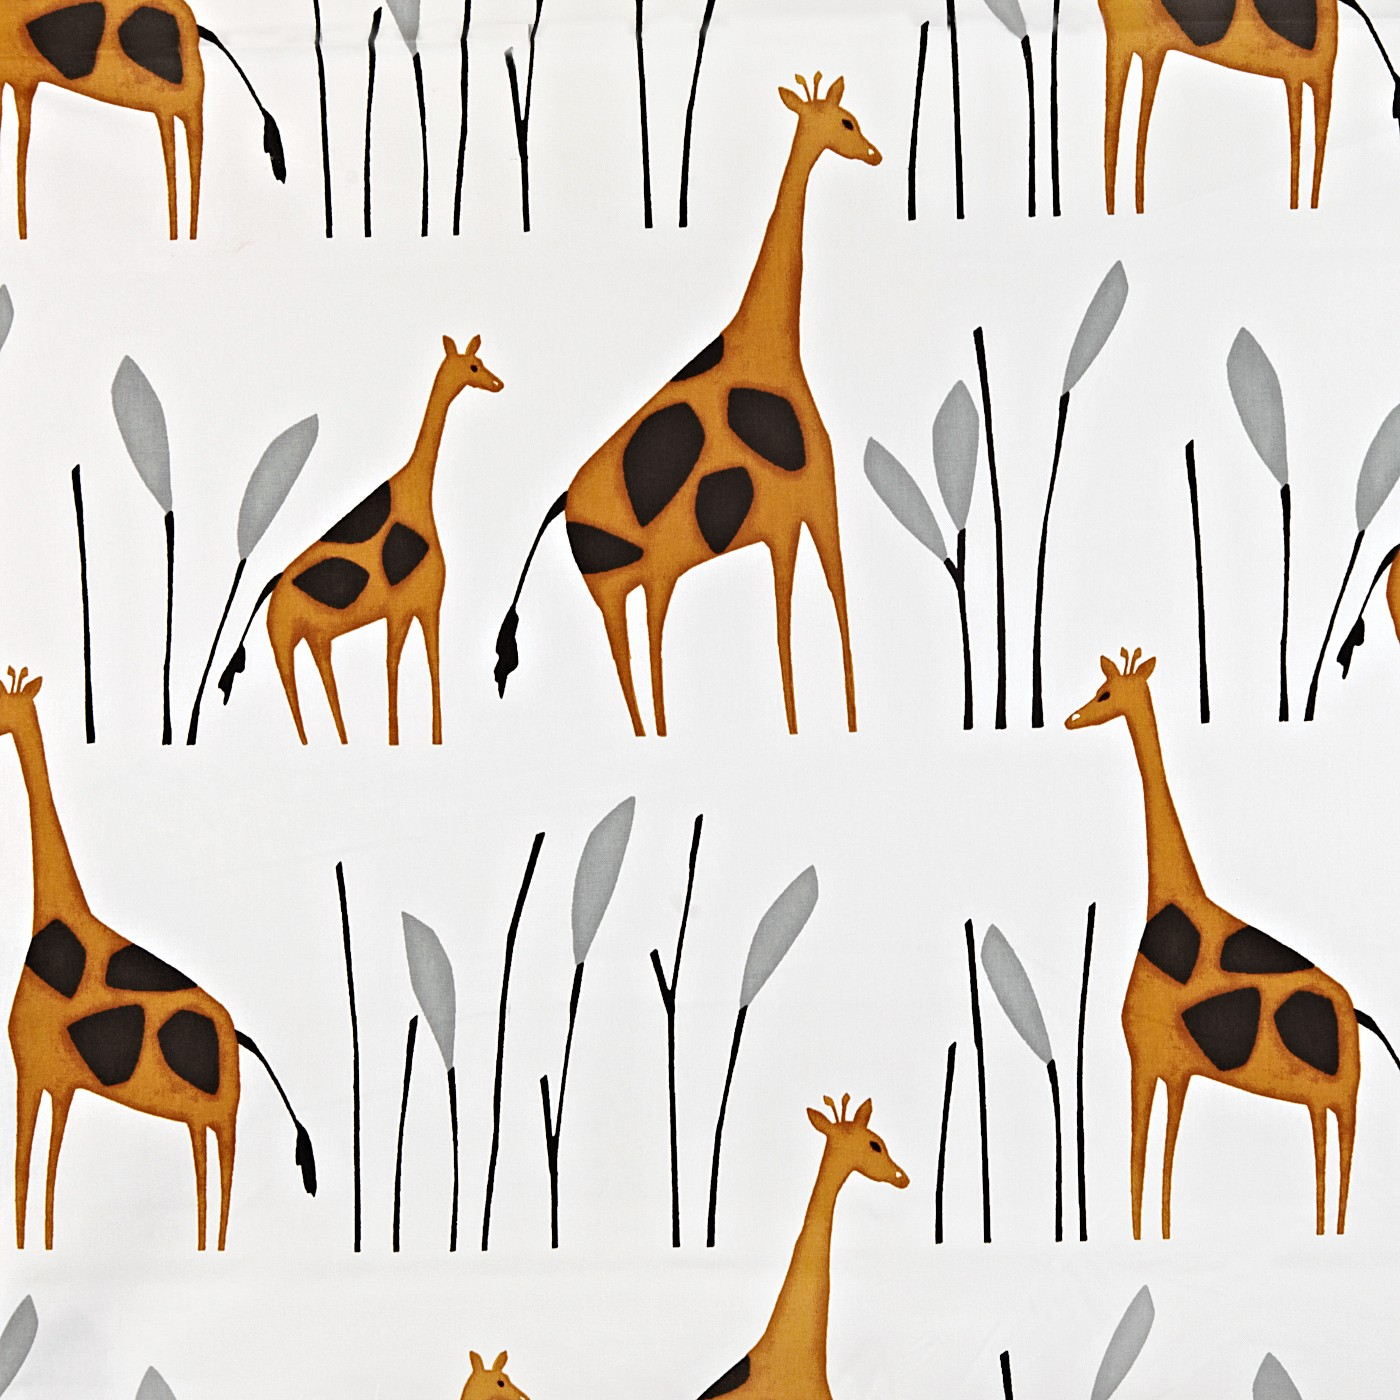 Geoffrey Giraffe